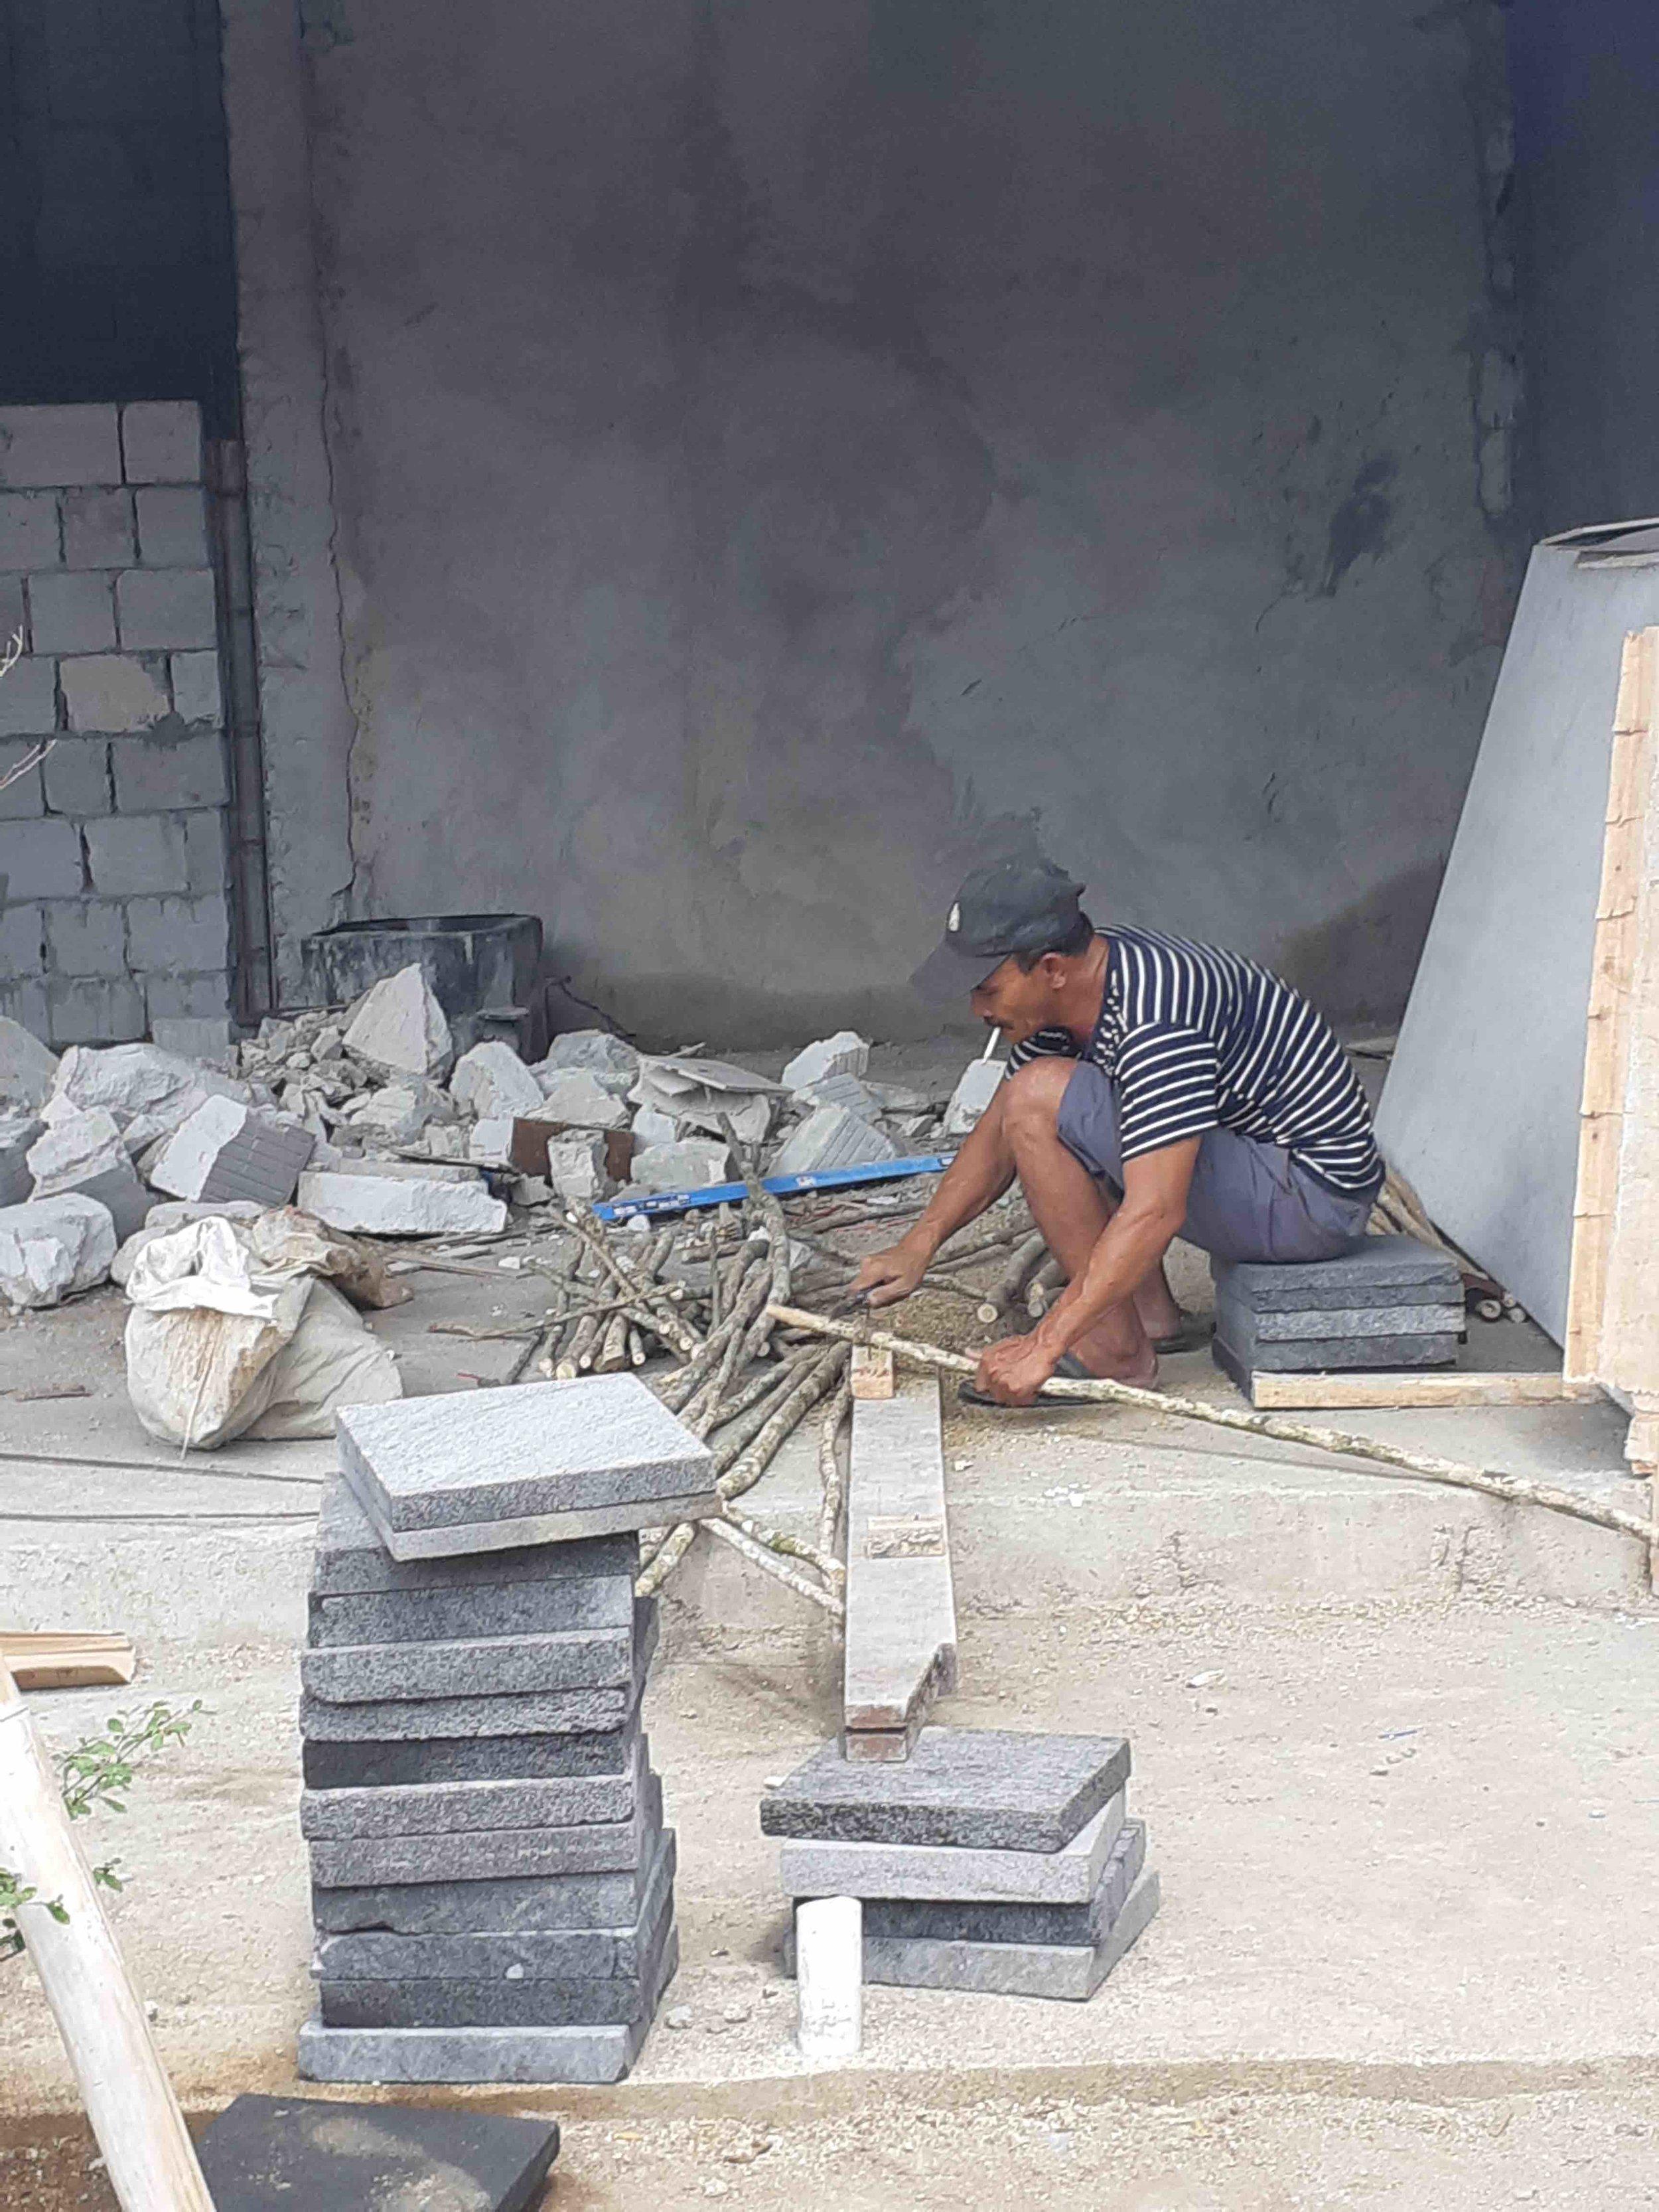 James Buchanan | Contractor from Lombok works away